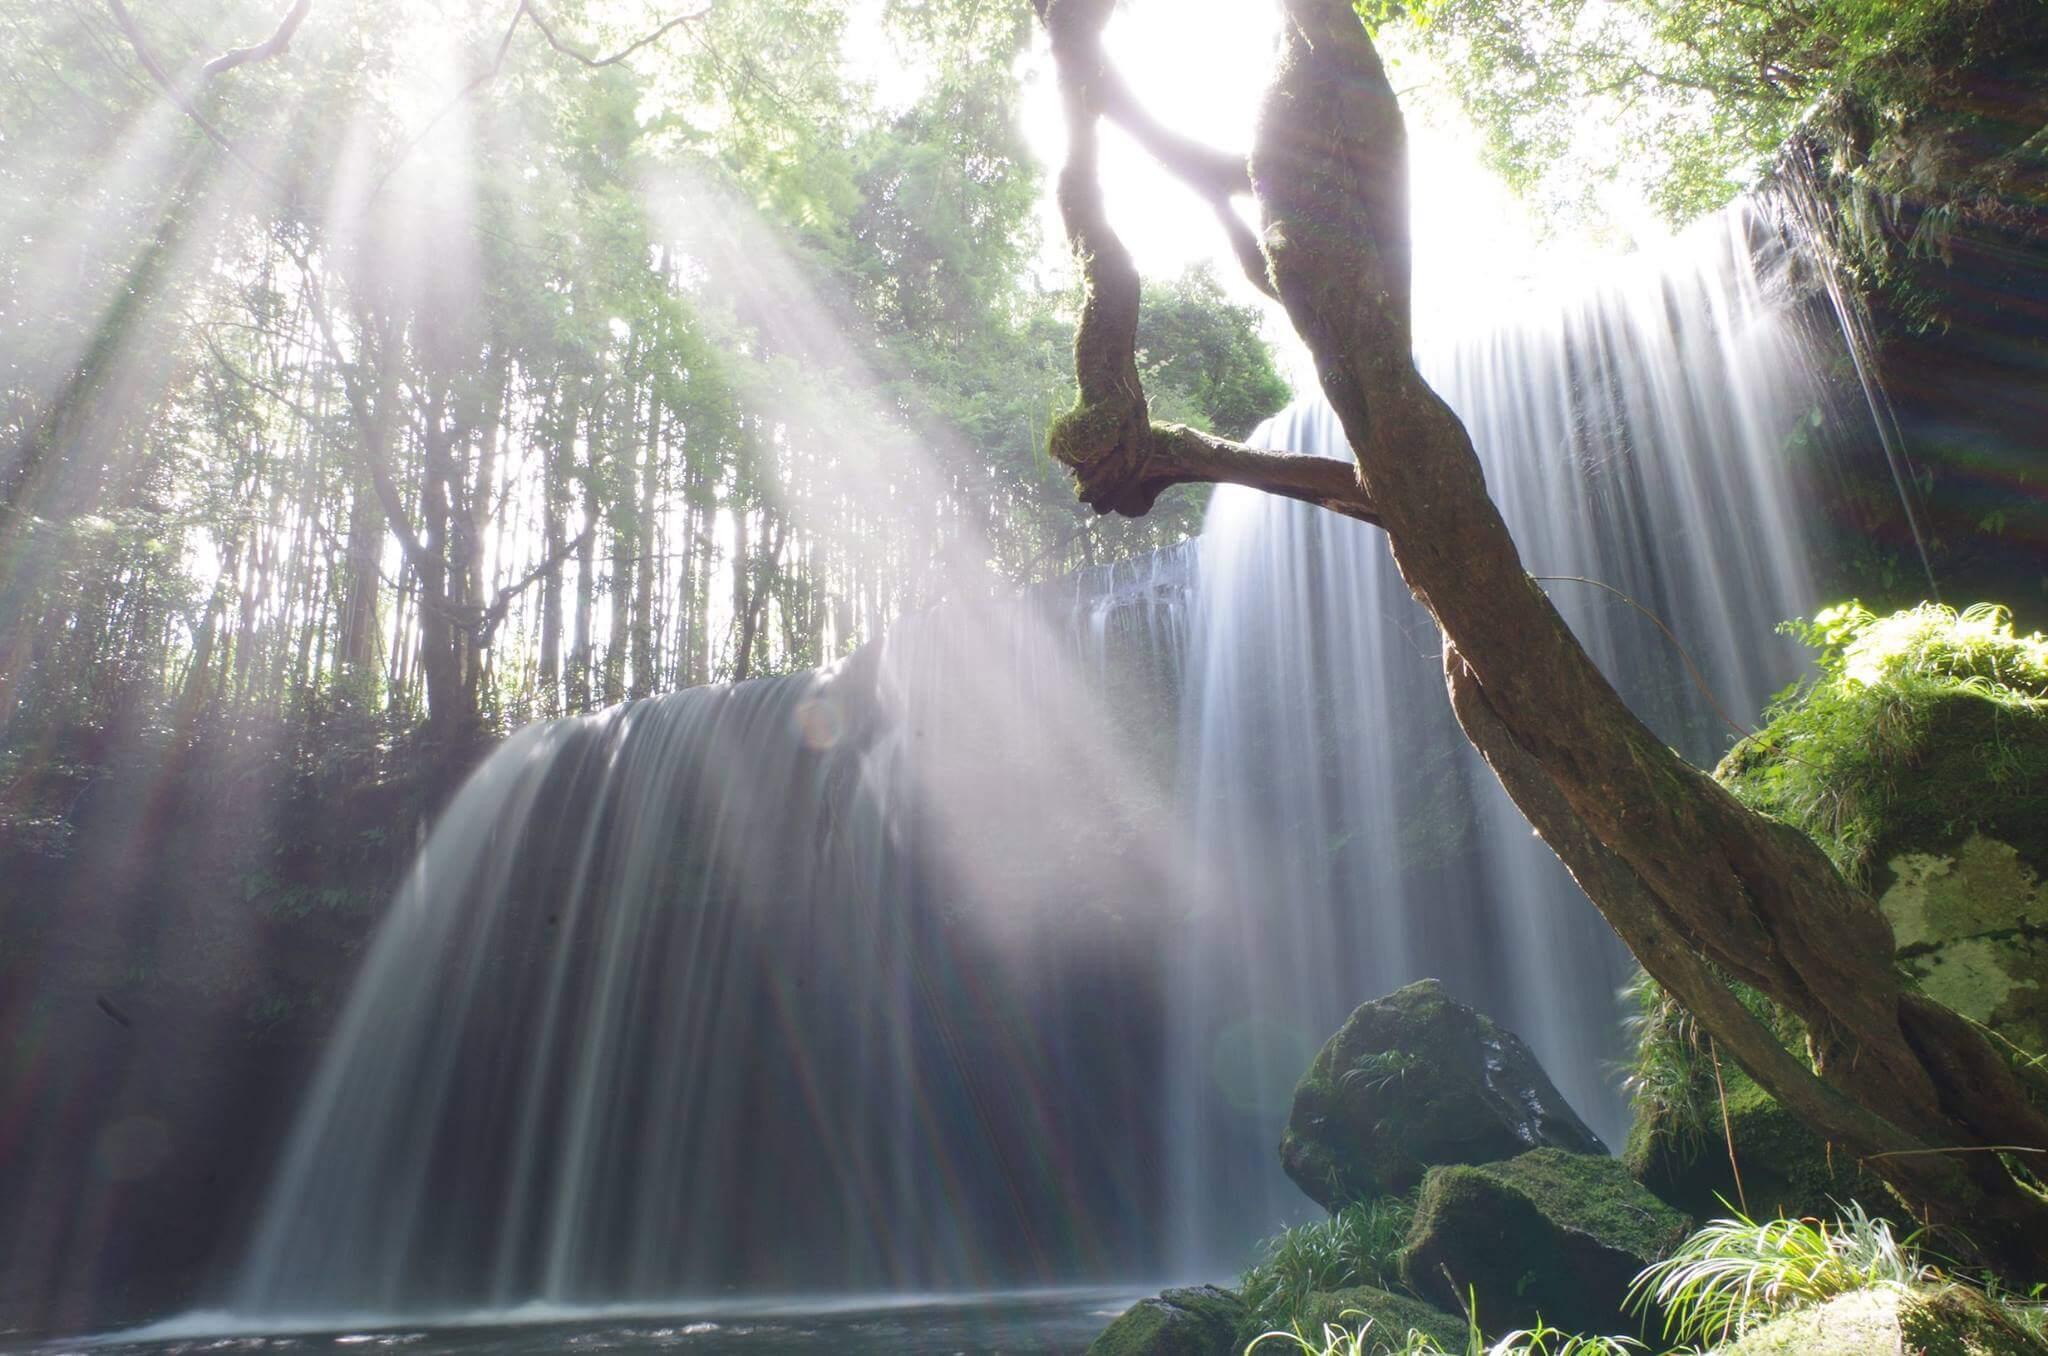 【鍋ヶ滝(なべがたき)】CMにもなった小国の神秘の滝。ライトアップ時期は要確認!